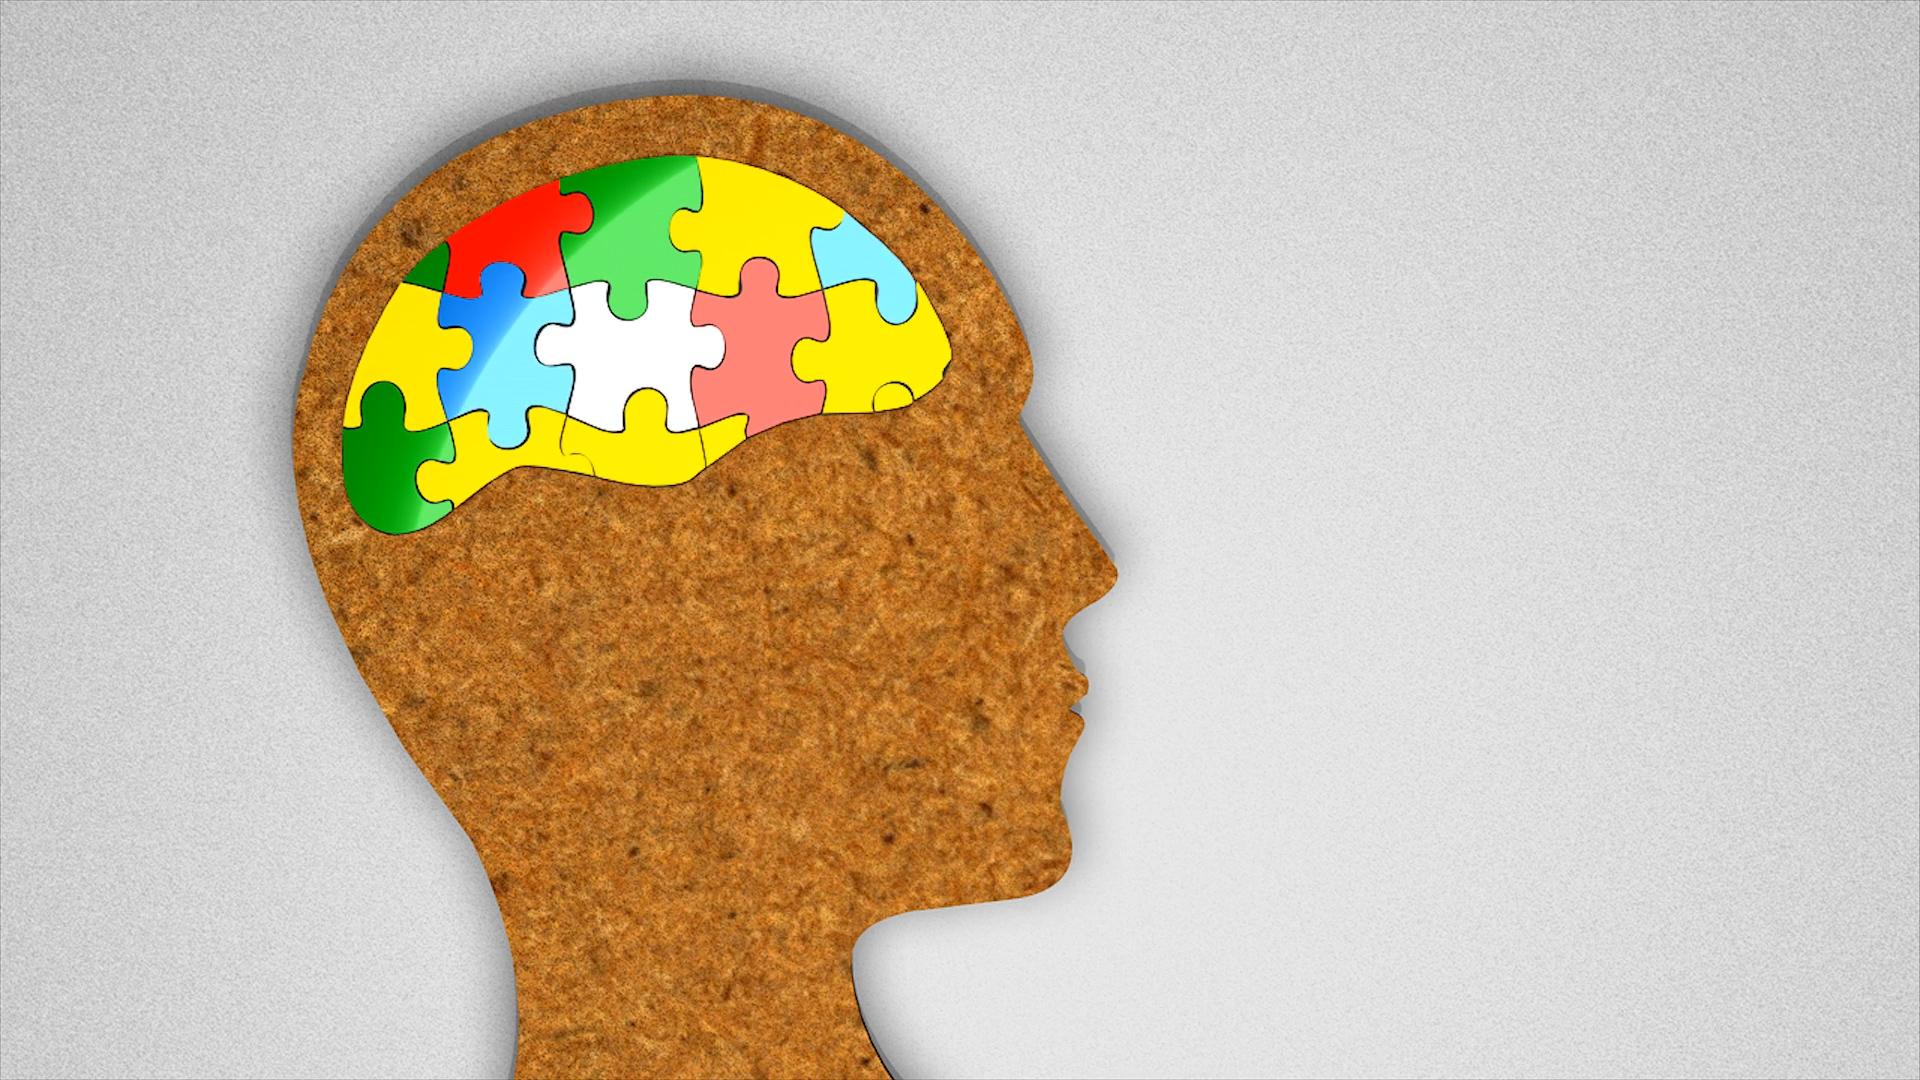 Najlepsze produkty, które wspomagają rozwój mózgu dziecka